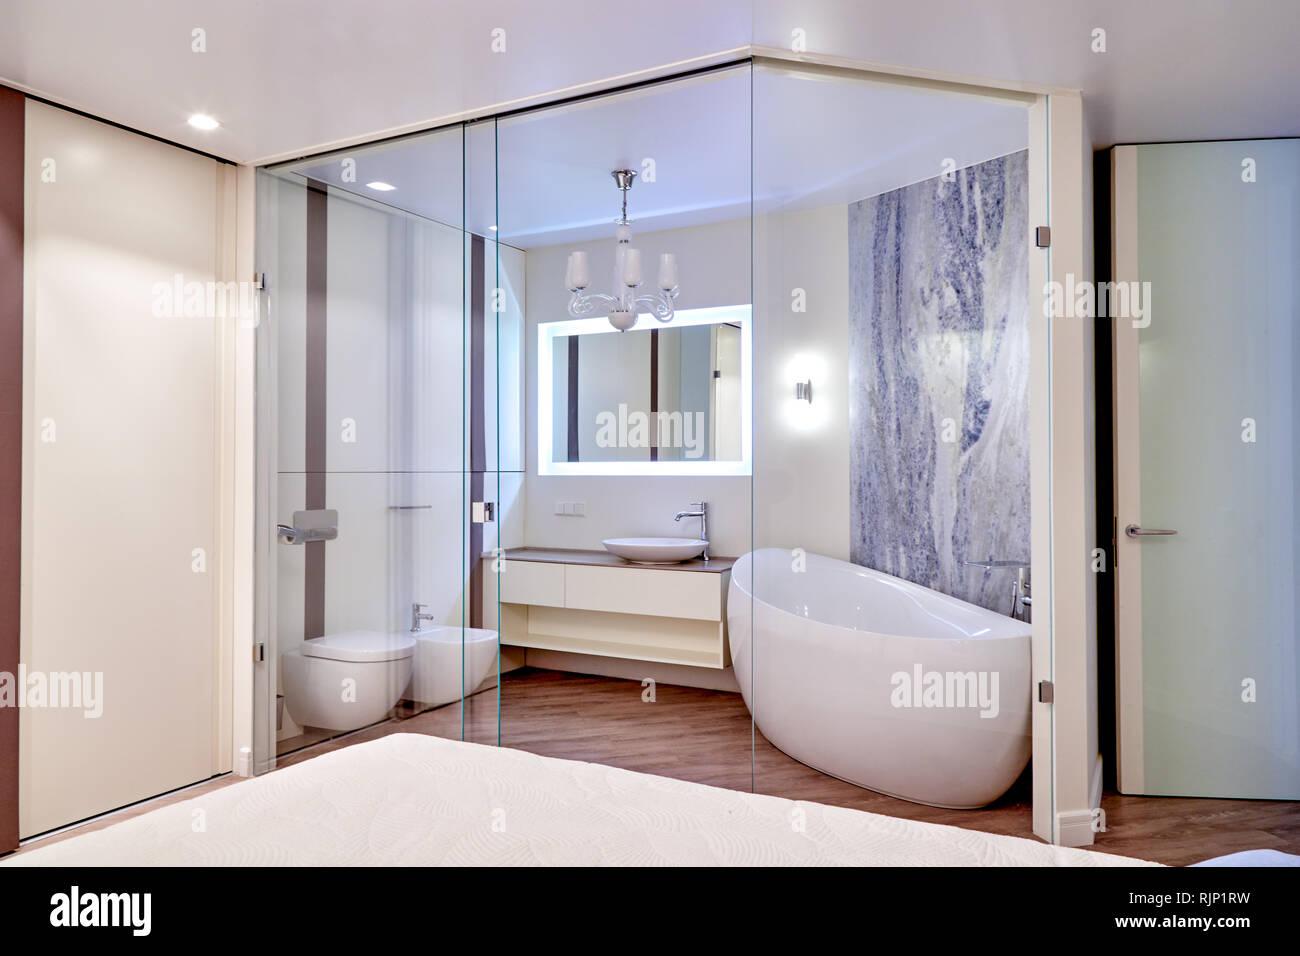 Bagno In Camera Con Vetro : Appartamento di lusso con camera da letto e stanza da bagno con